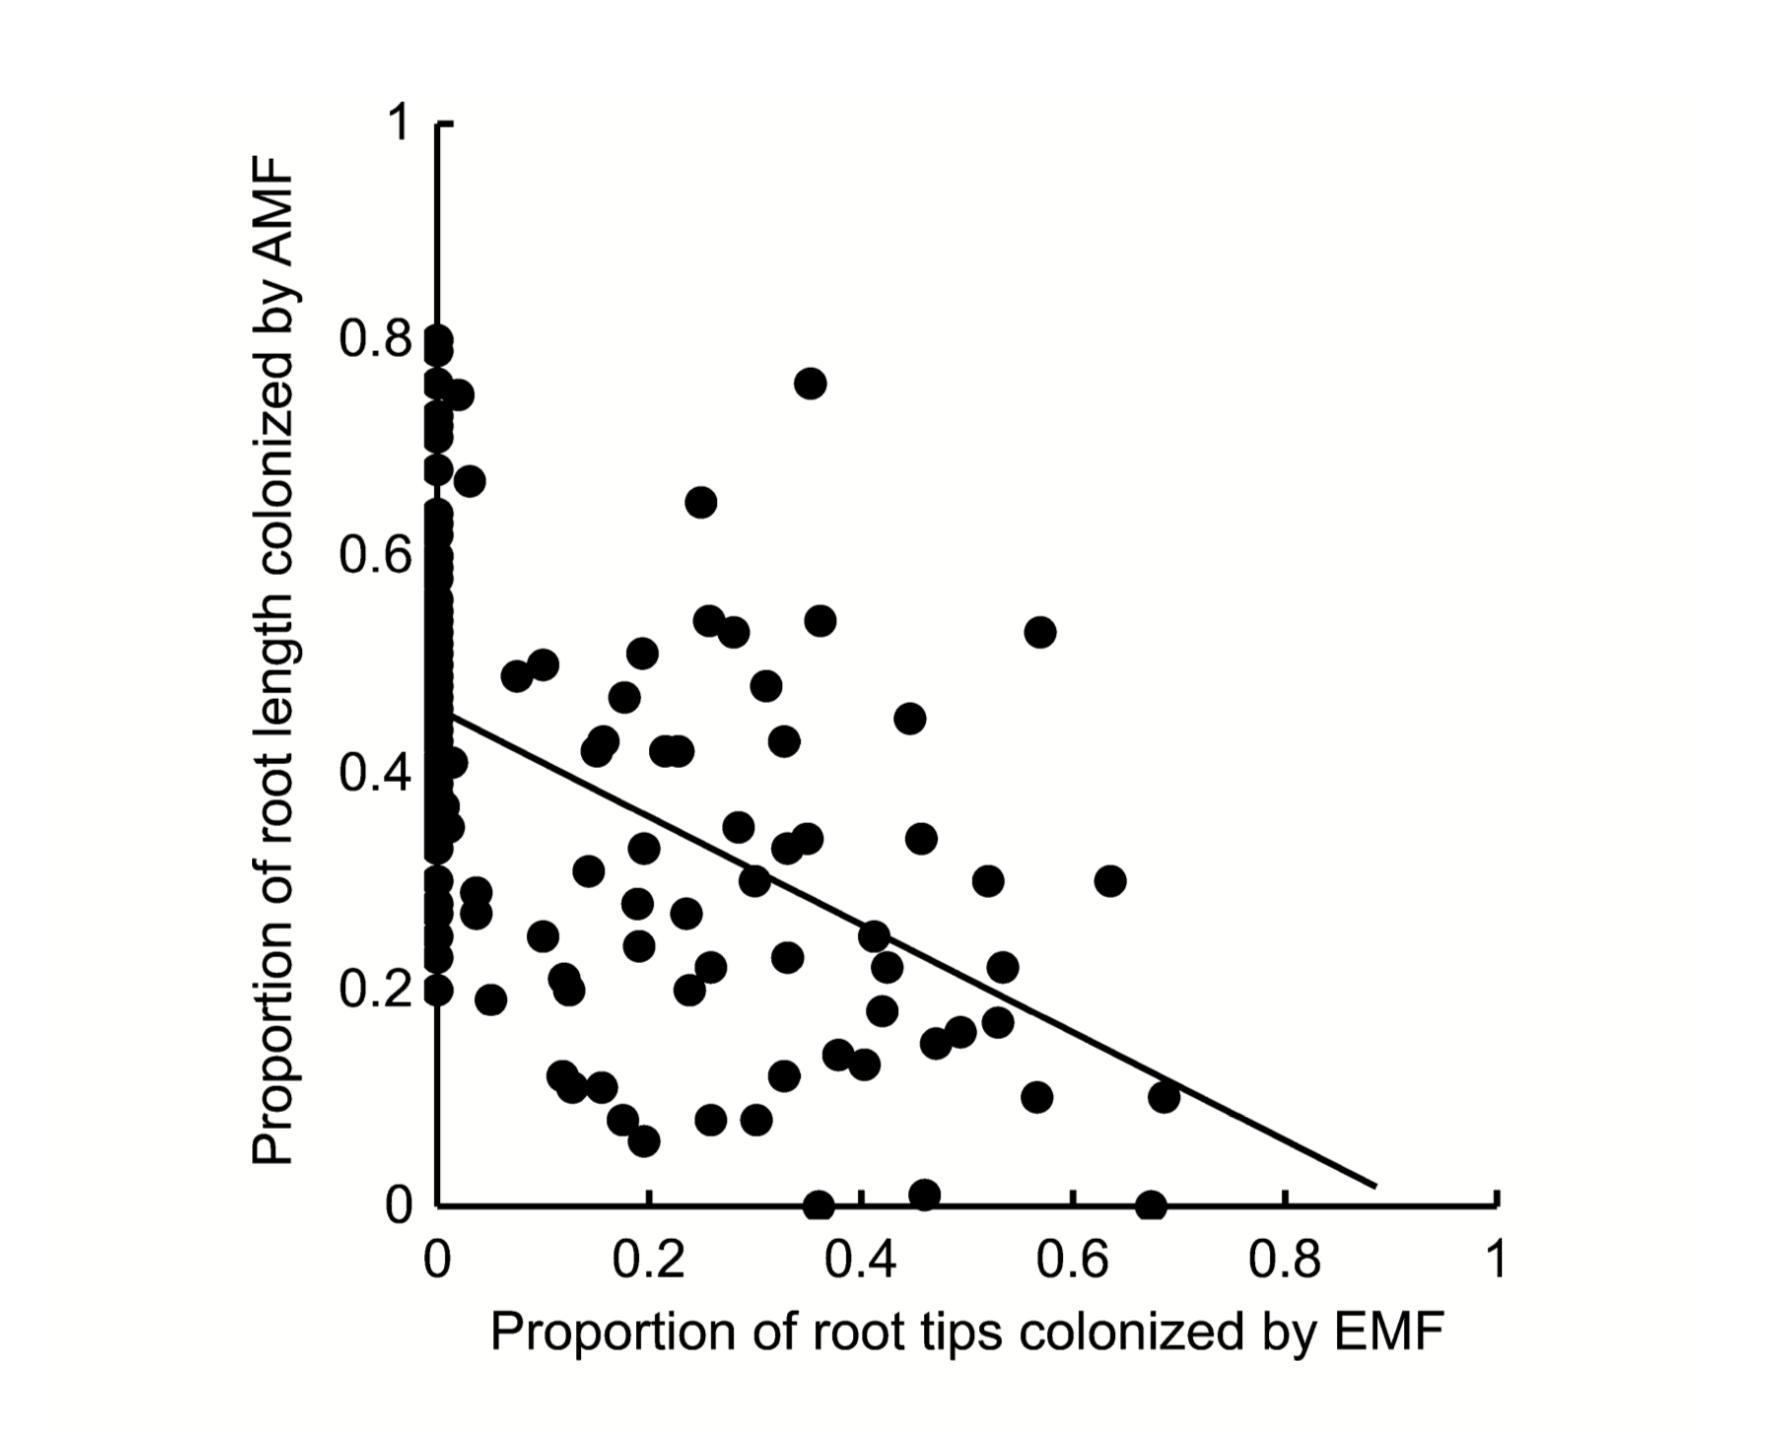 AMF colonization reduces with enhanced ECM colonization. Becklin et al. 2012 .